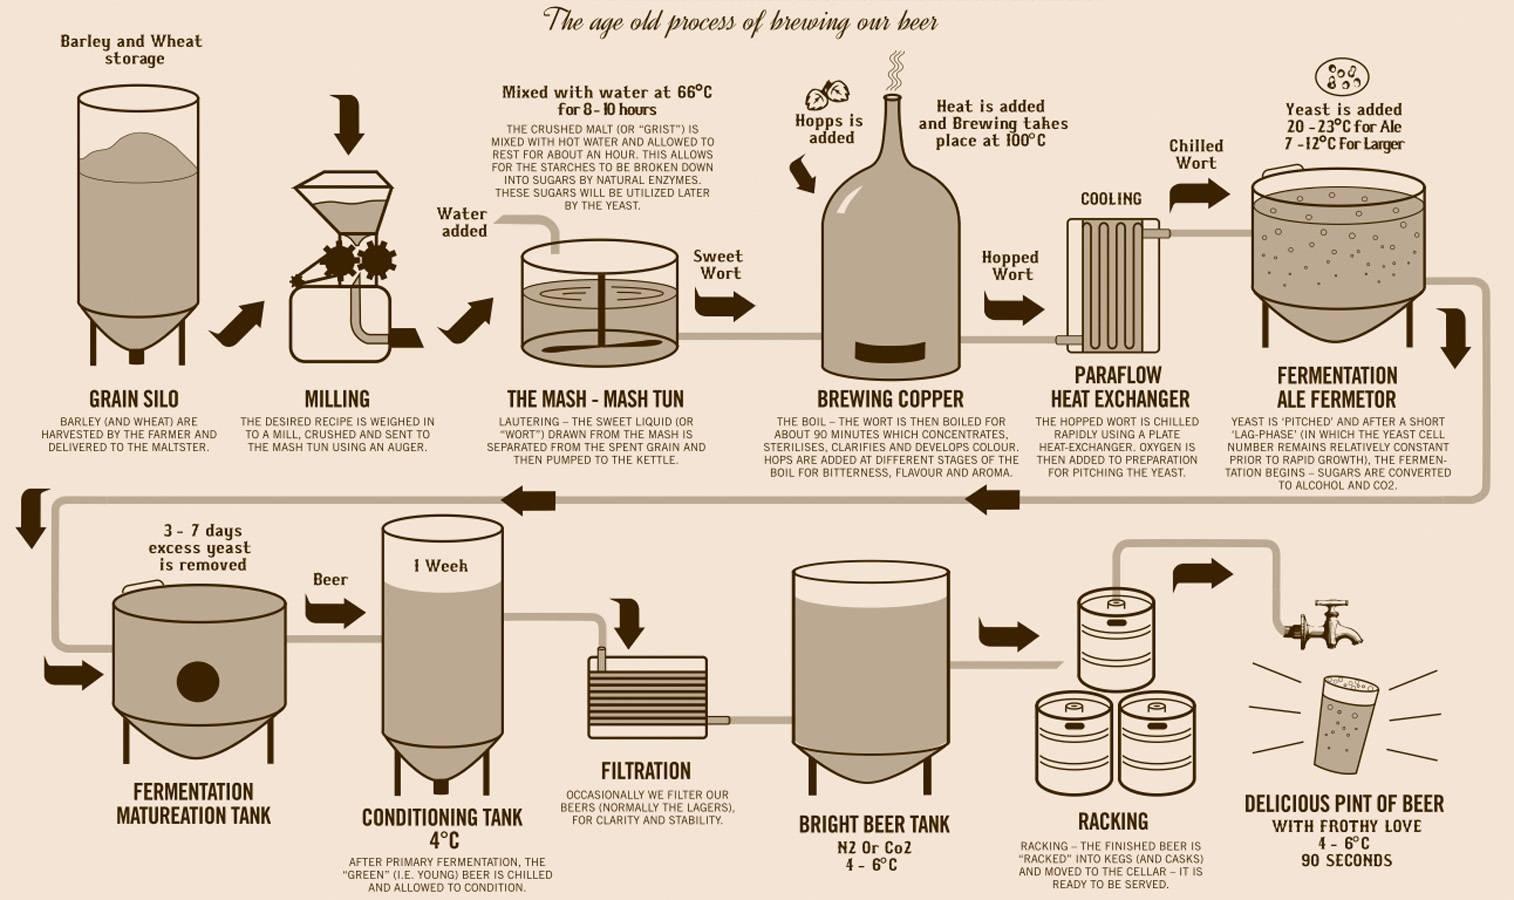 Домашнее пивоварение: фильтрация пива в домашних условиях